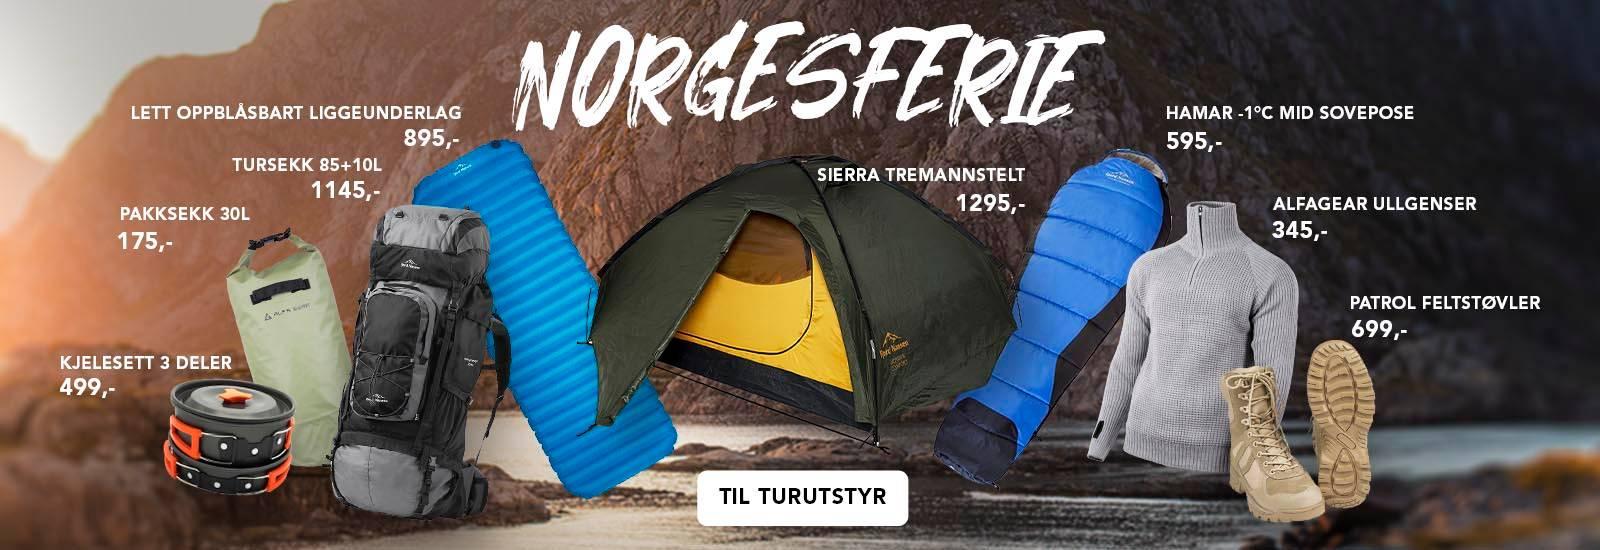 Billig turutstyr til Norgesferie. Allsidig utvalg av telt, soveposer og turutstyr som passer et hvert budsjett.